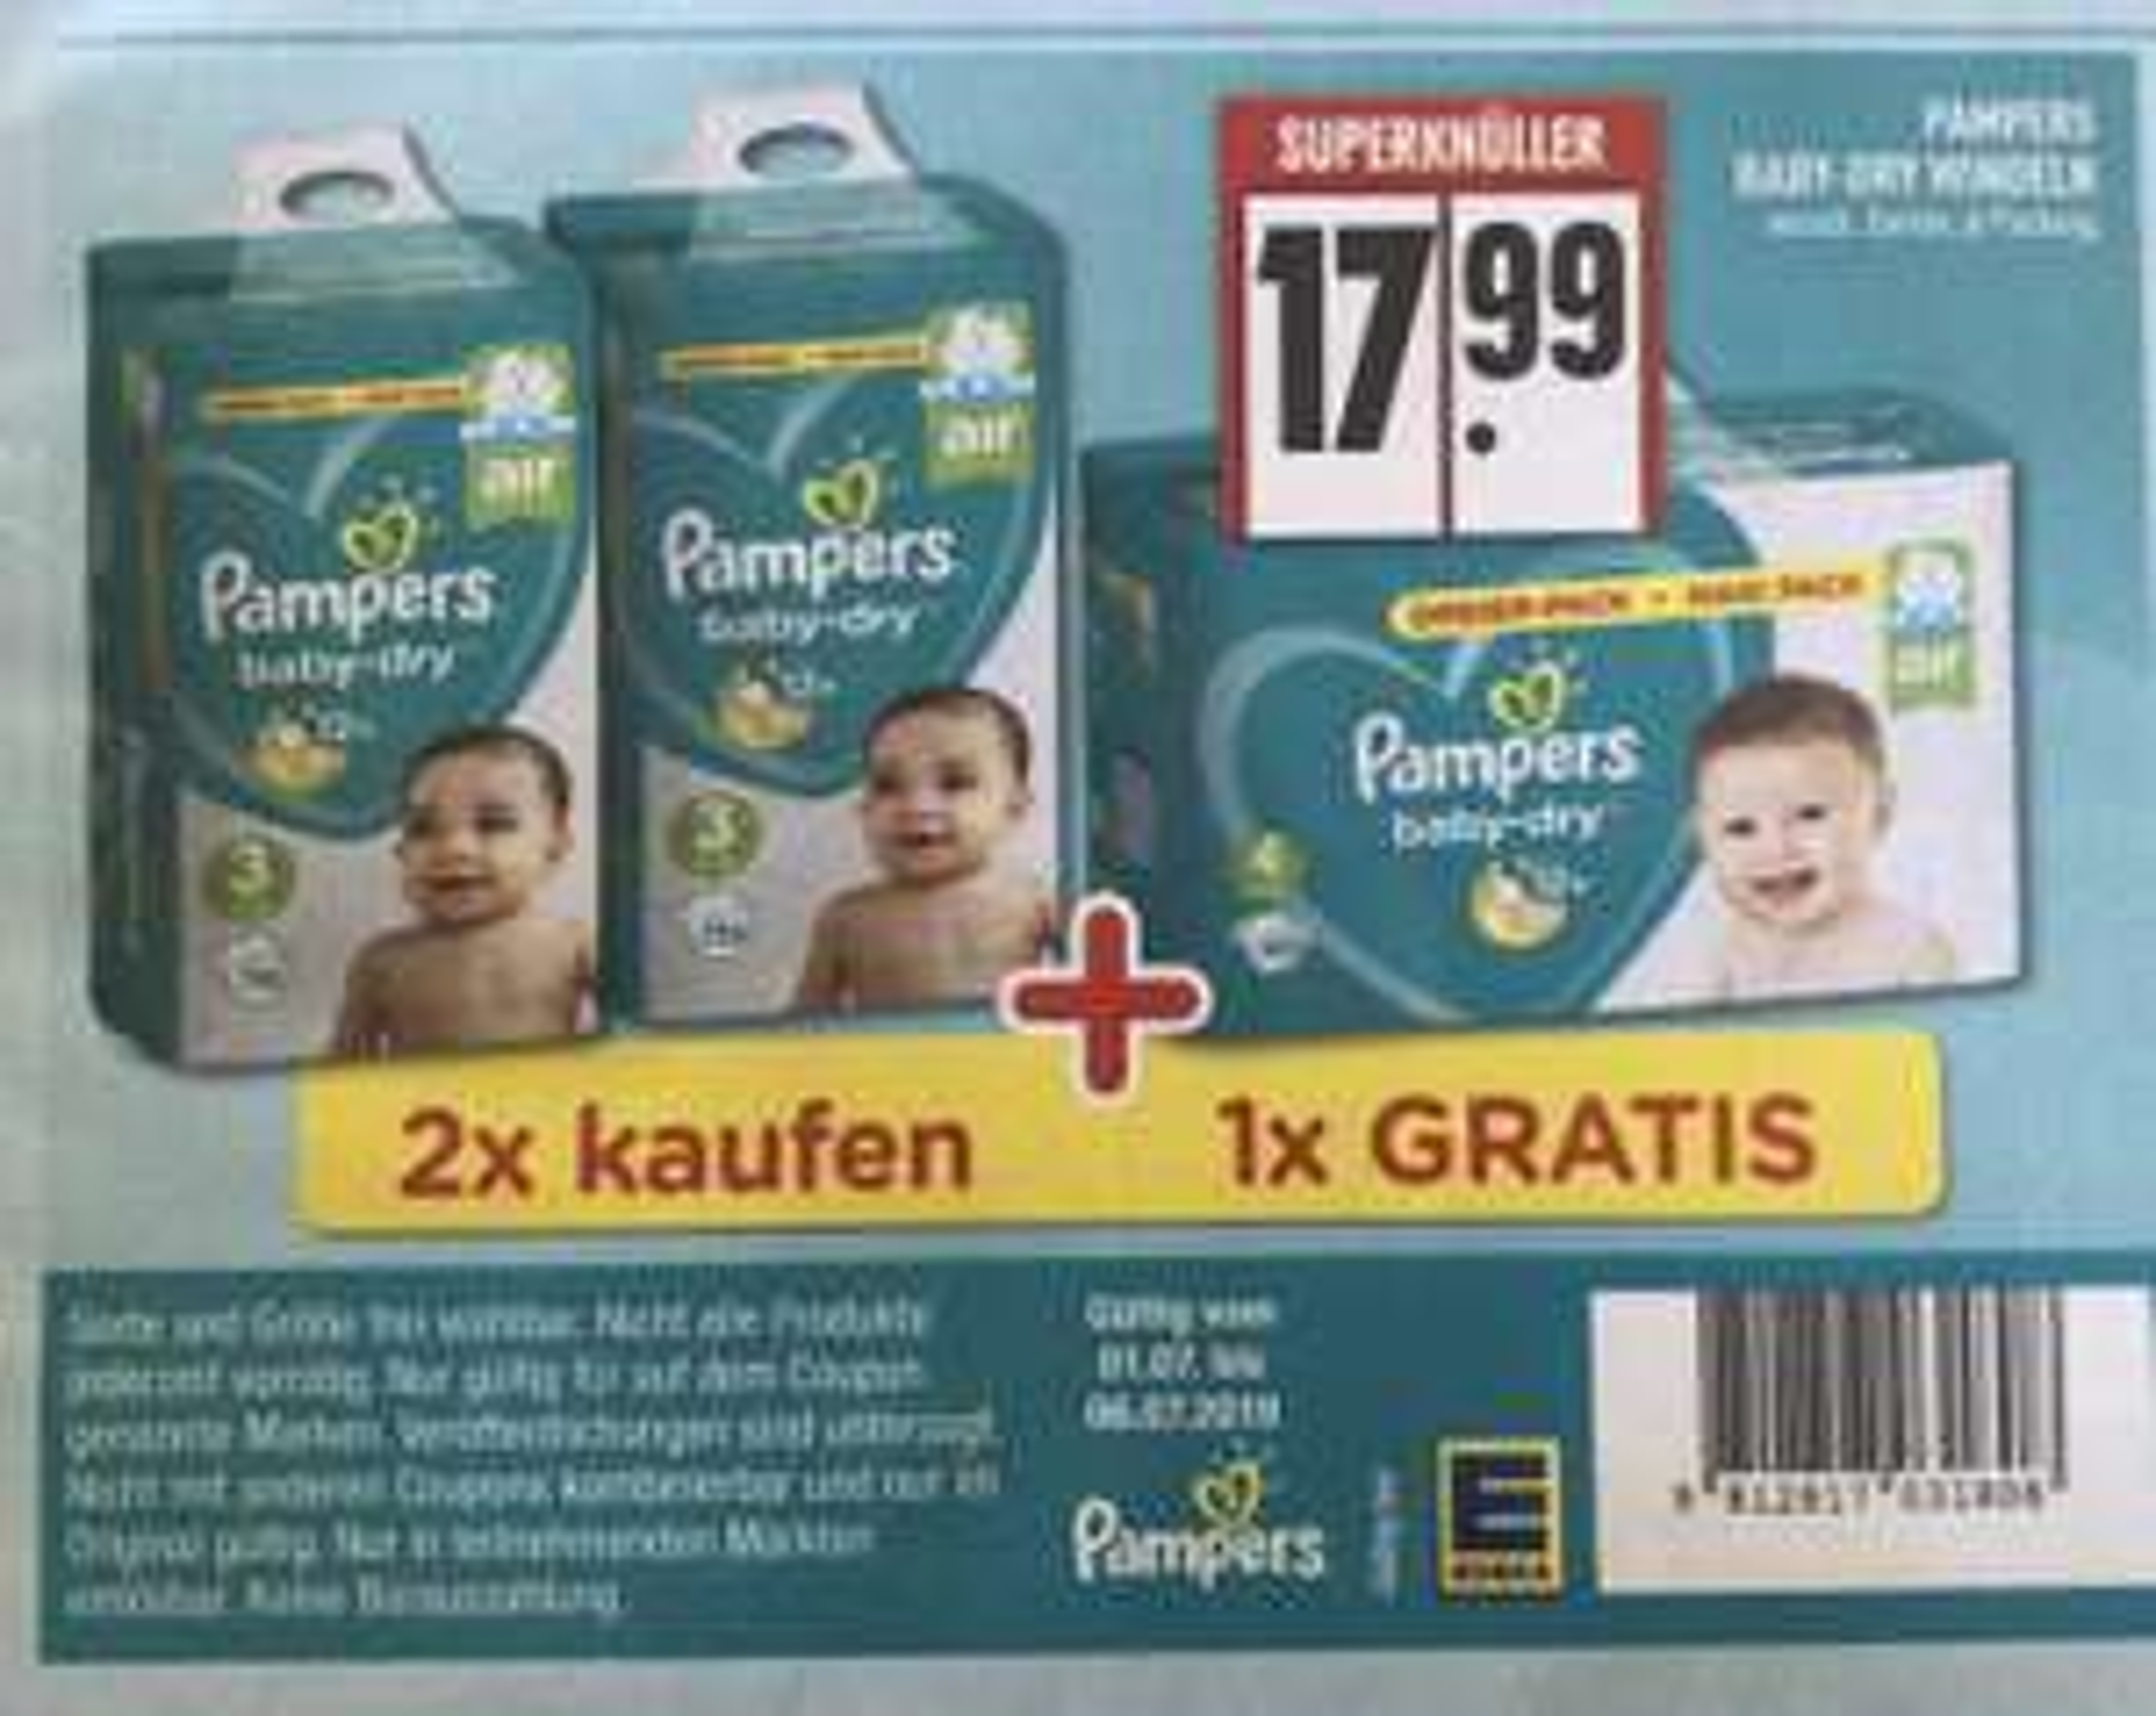 Pampers Baby-Dry verschiedene Größen